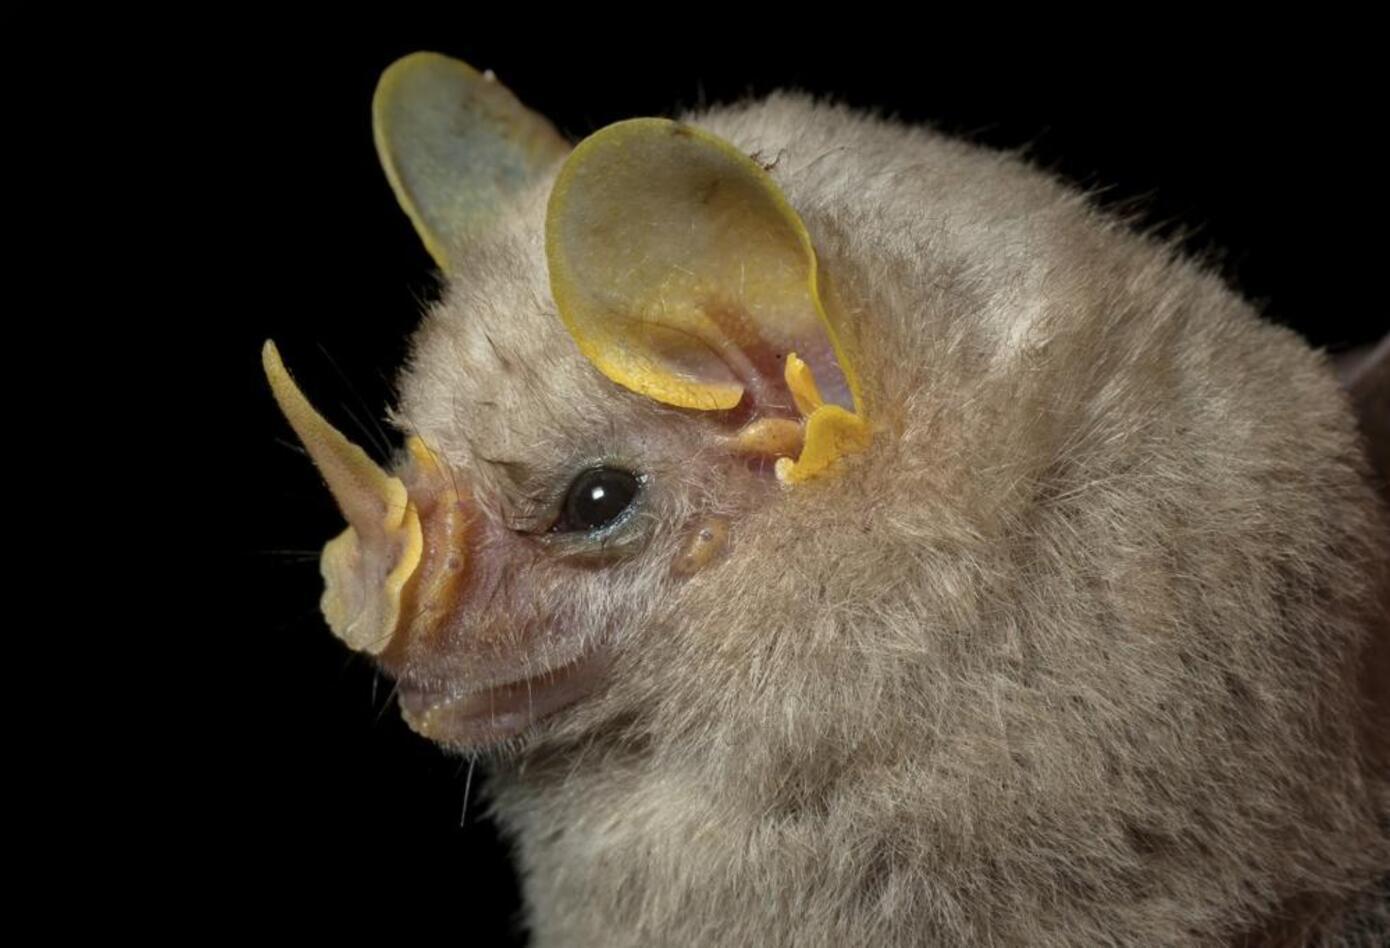 17 especies de murciélagos fueron registradas en la expedición, como Phyllostomus elongatus. Foto: Felipe Villegas (Instituto Humboldt).